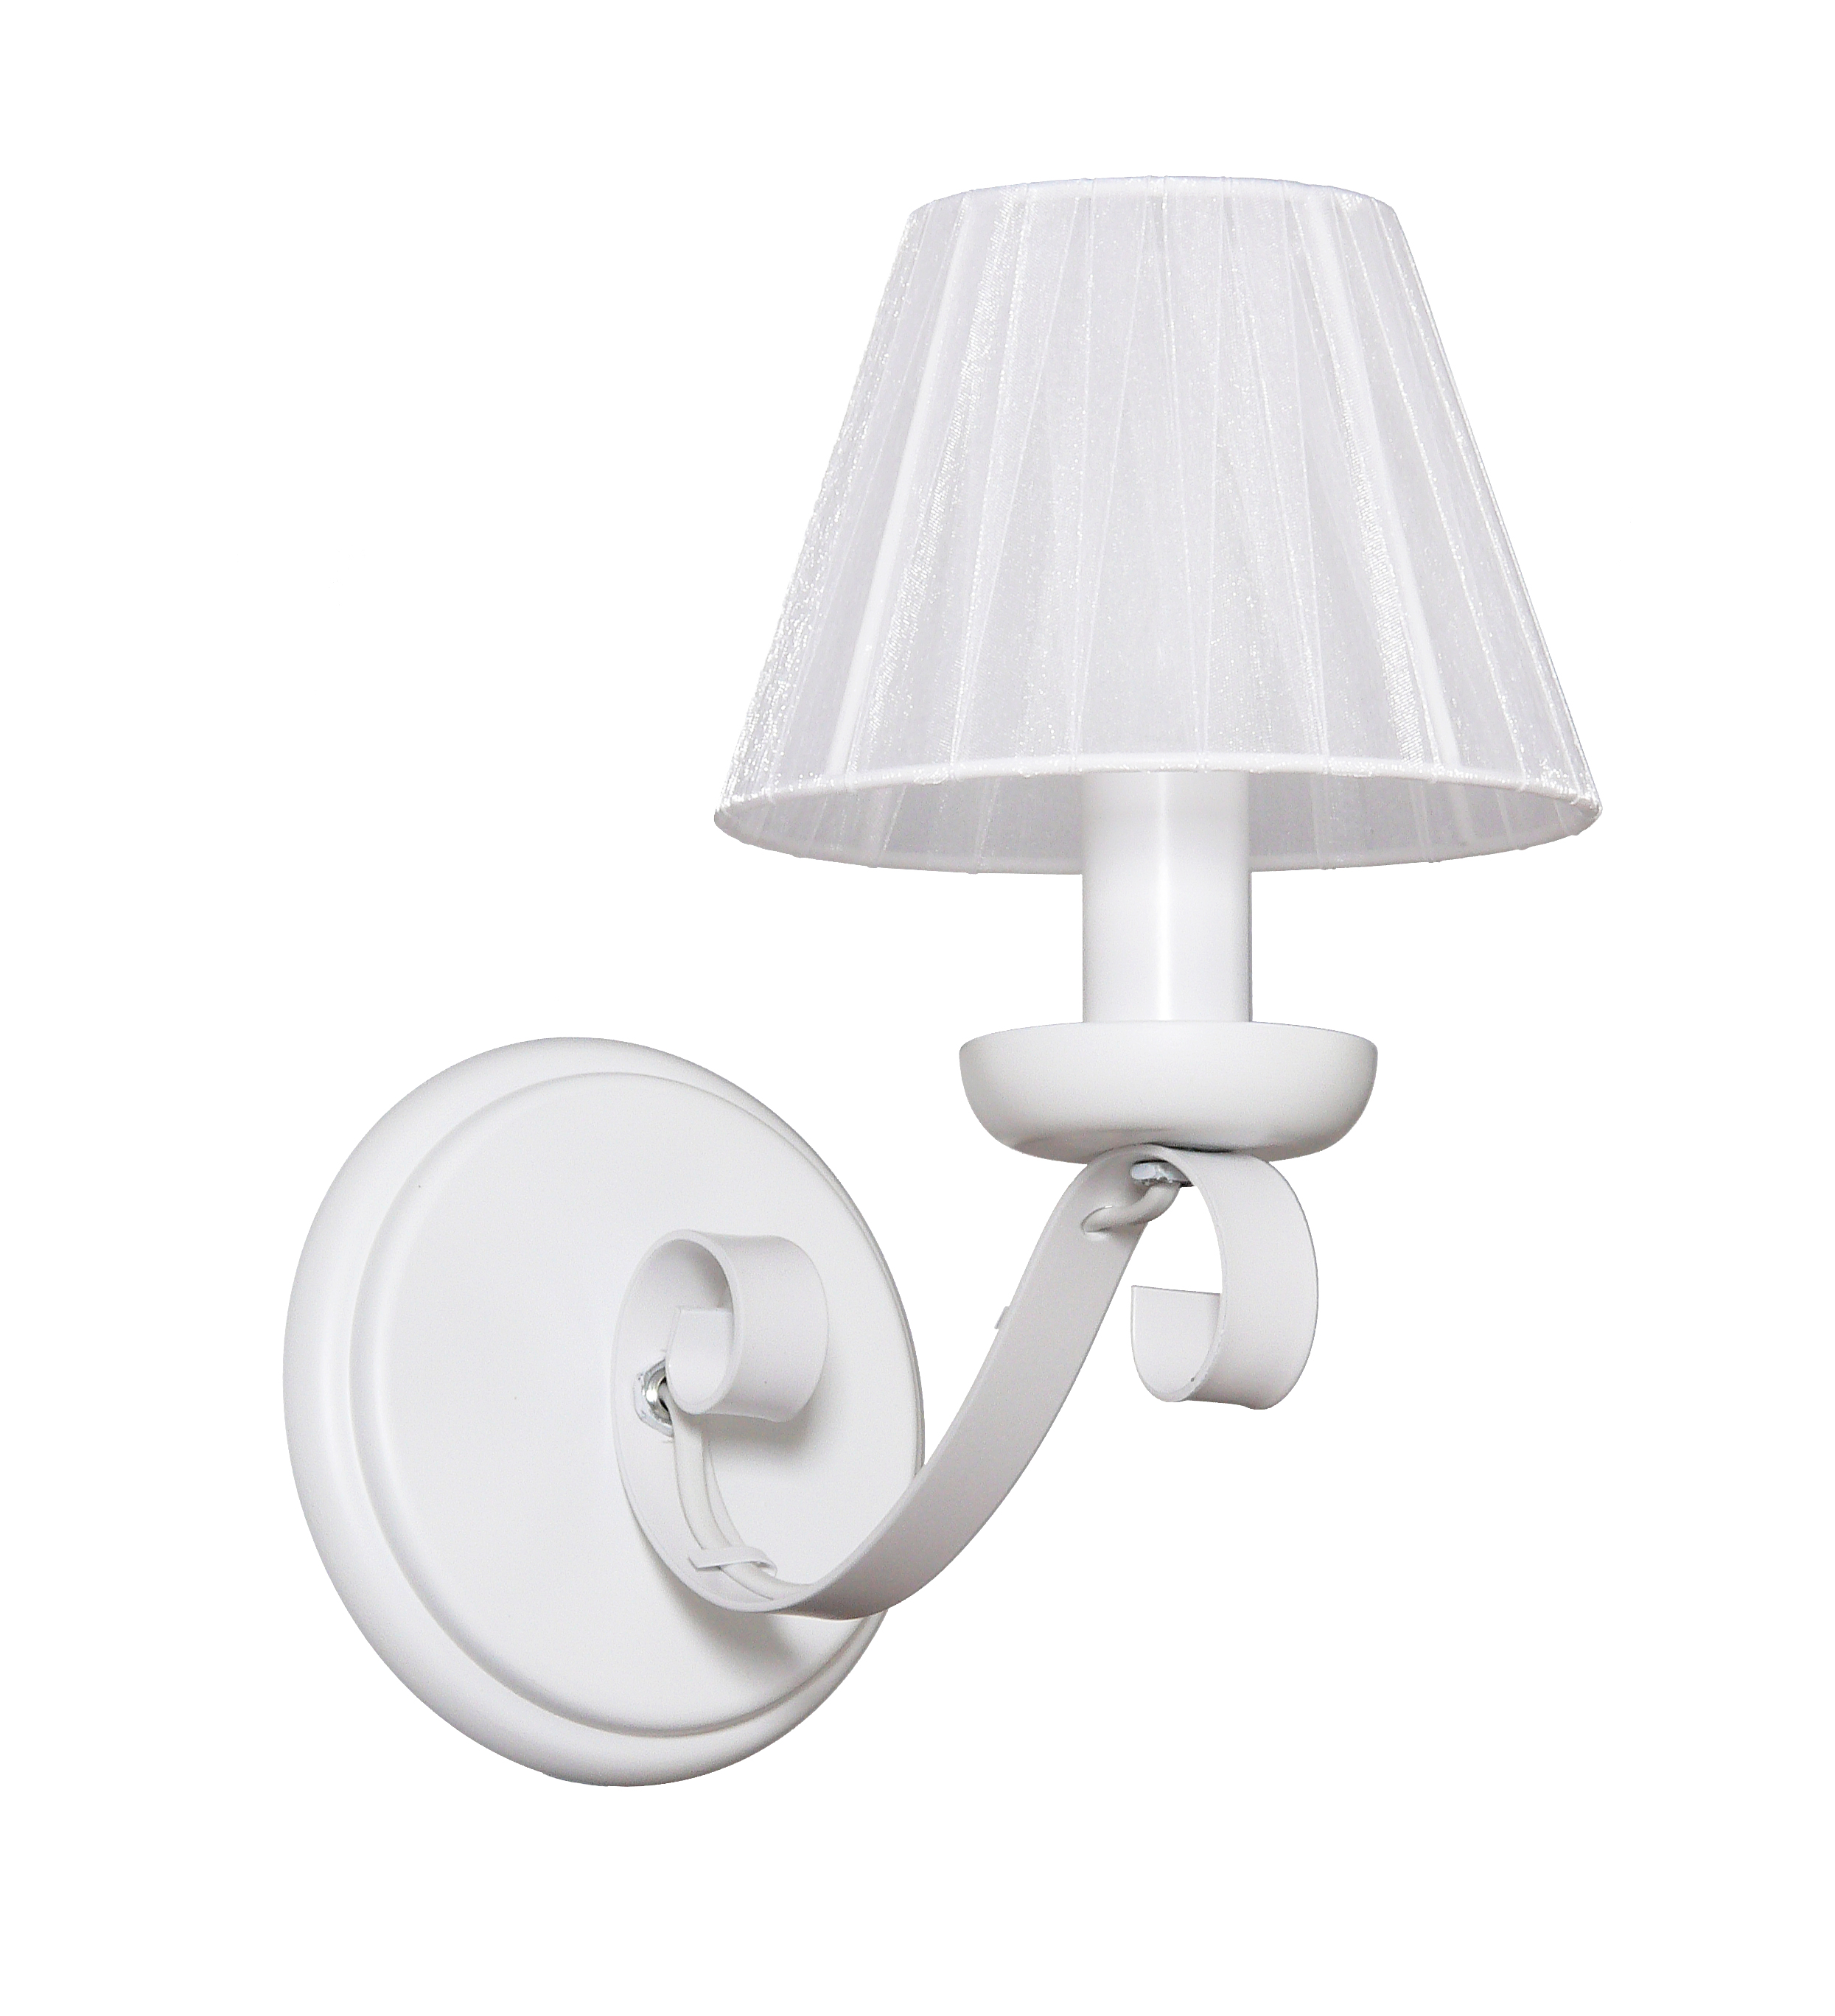 Светильник настенный АВРОРА Таверна 10077-1b люстра на штанге аврора таверна 10077 3l